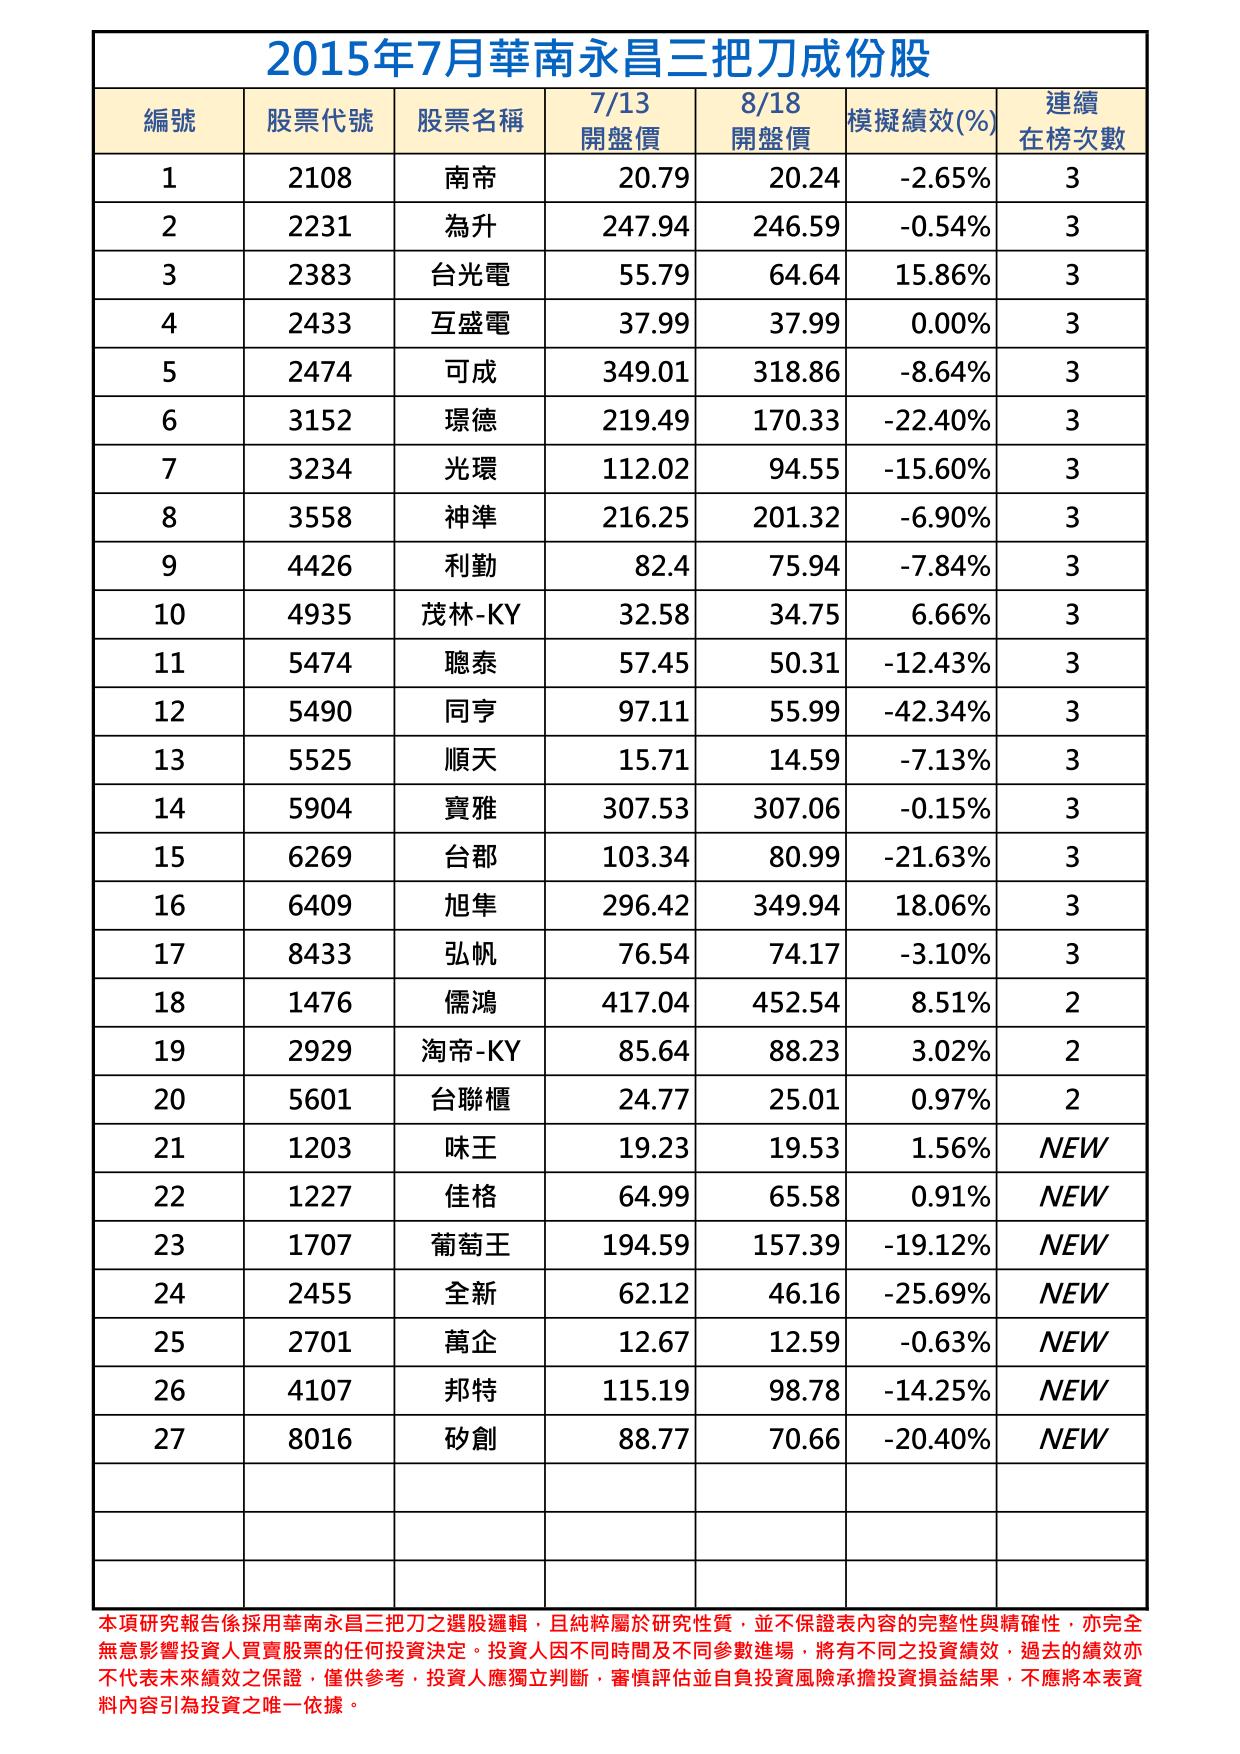 2015年7月-1三把刀成份表.png